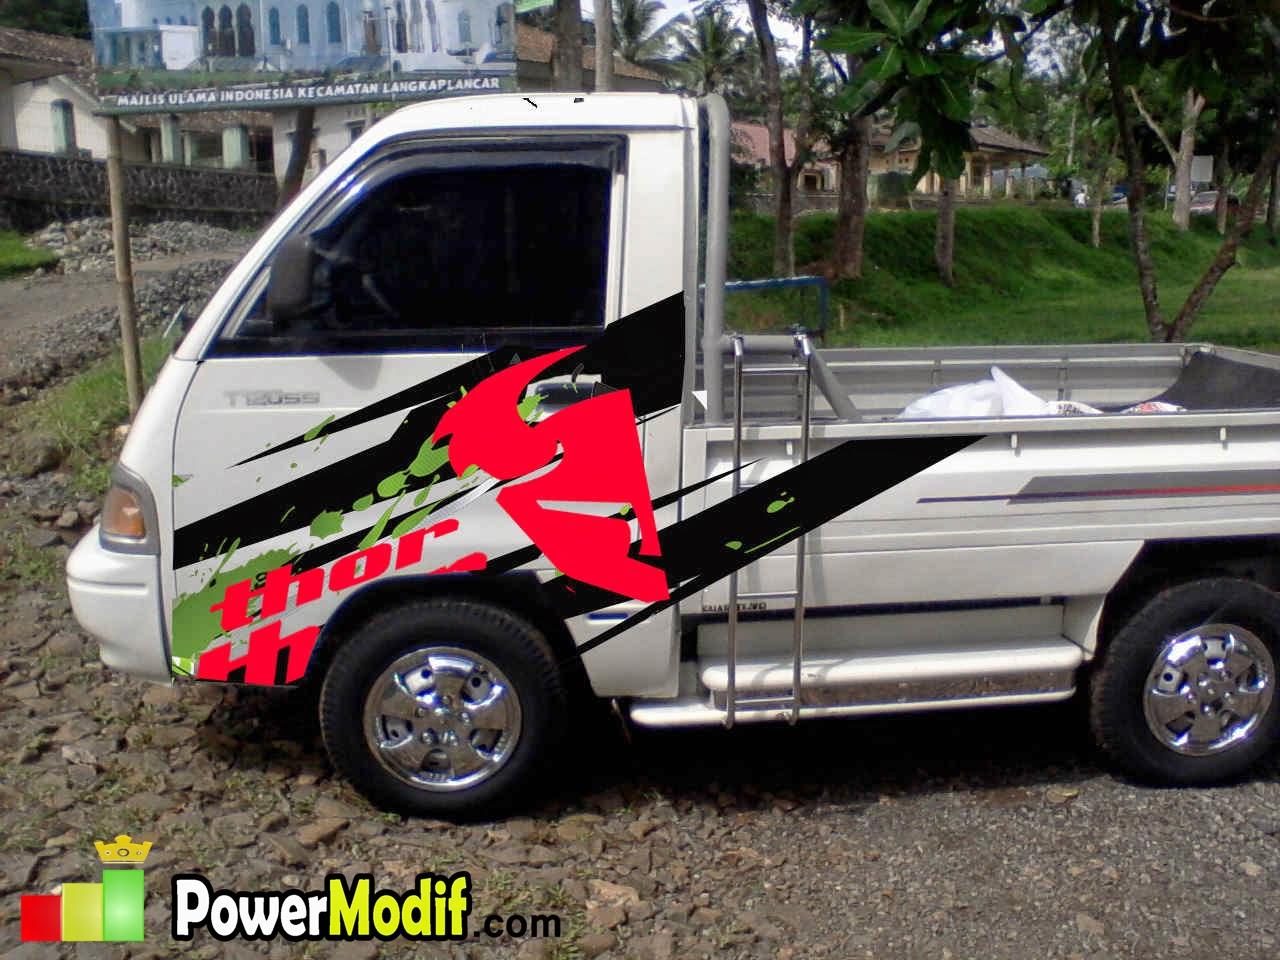 41 Modif Mobil Pick Up Jadul Terlengkap | Motor Runcing